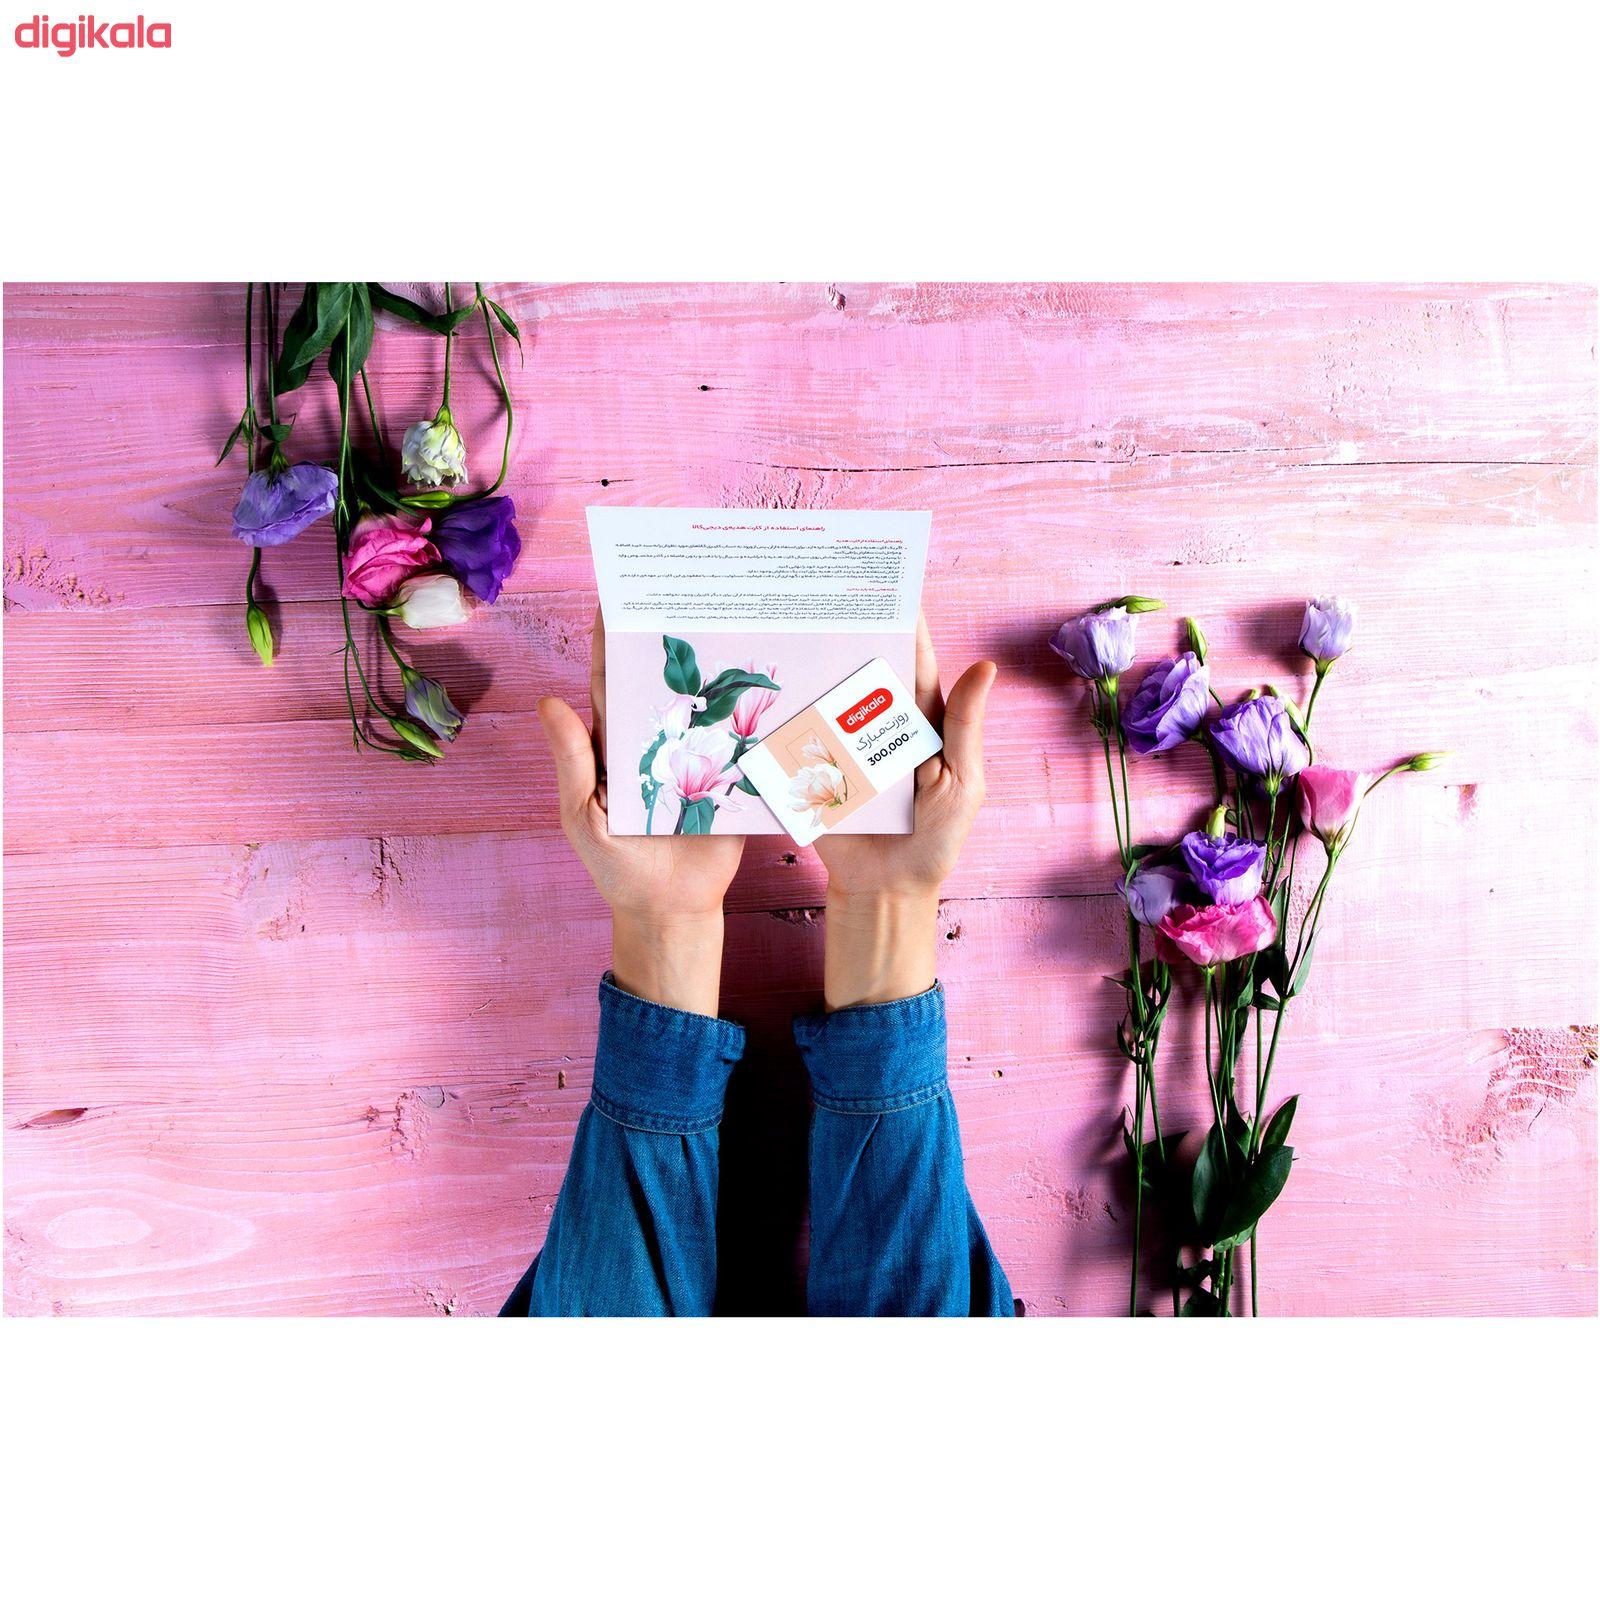 کارت هدیه دیجی کالا به ارزش 300,000 تومان طرح روز زن main 1 3